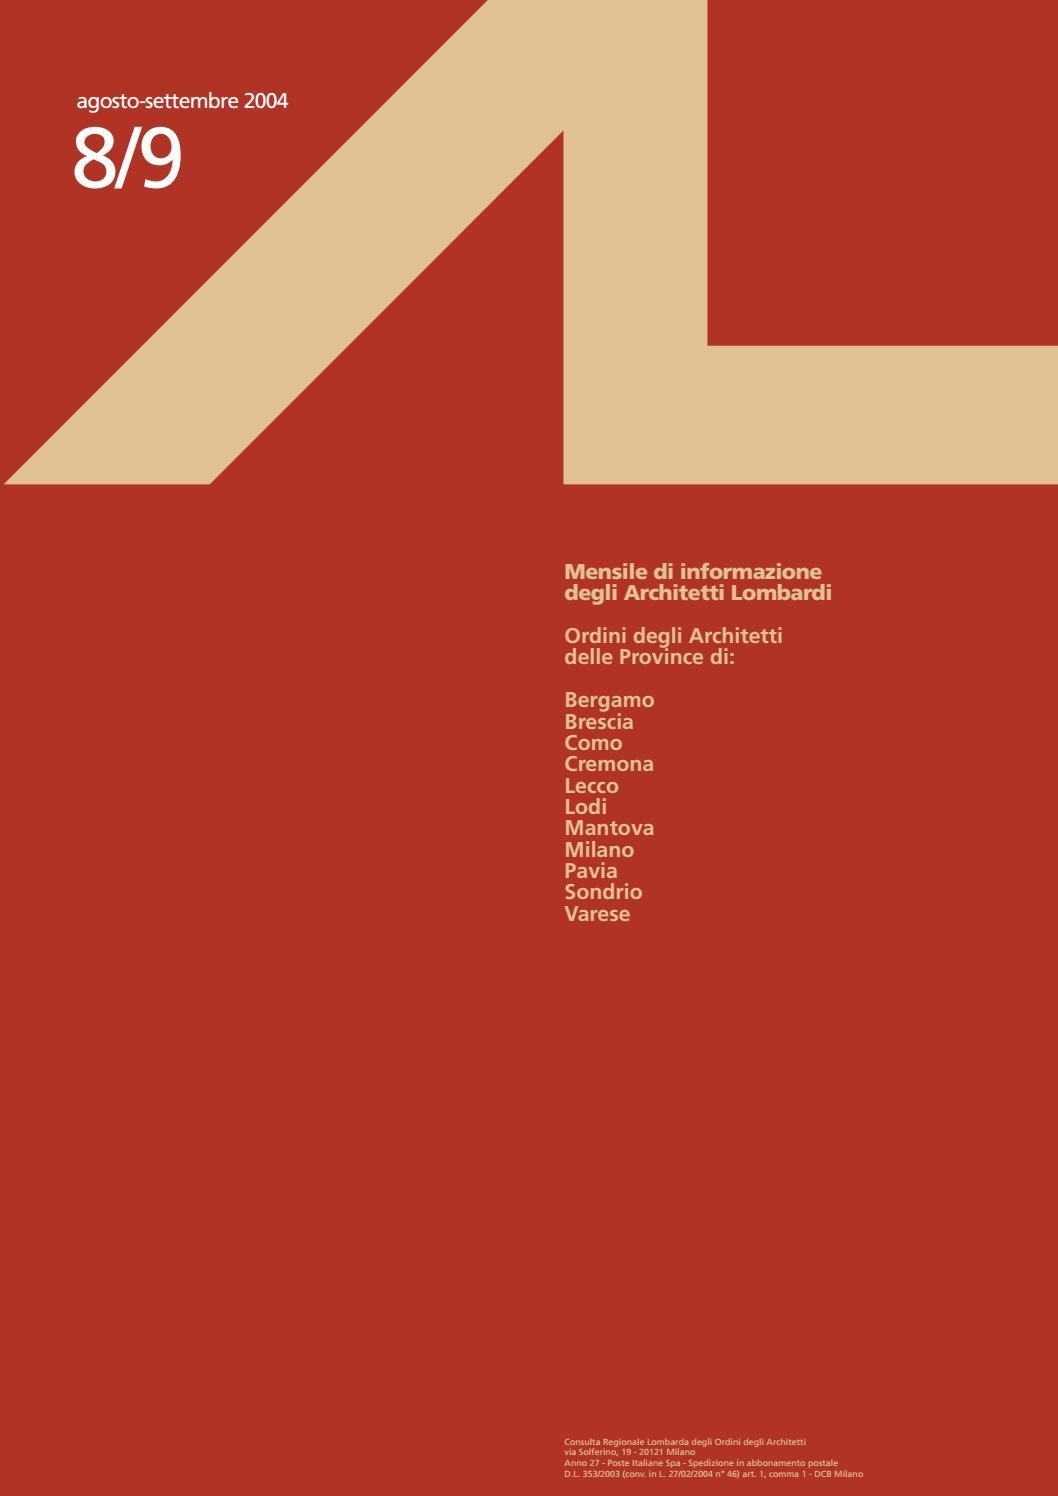 Parcella Architetto Per Ristrutturazione al 8/9, 2004 by consulta al - issuu